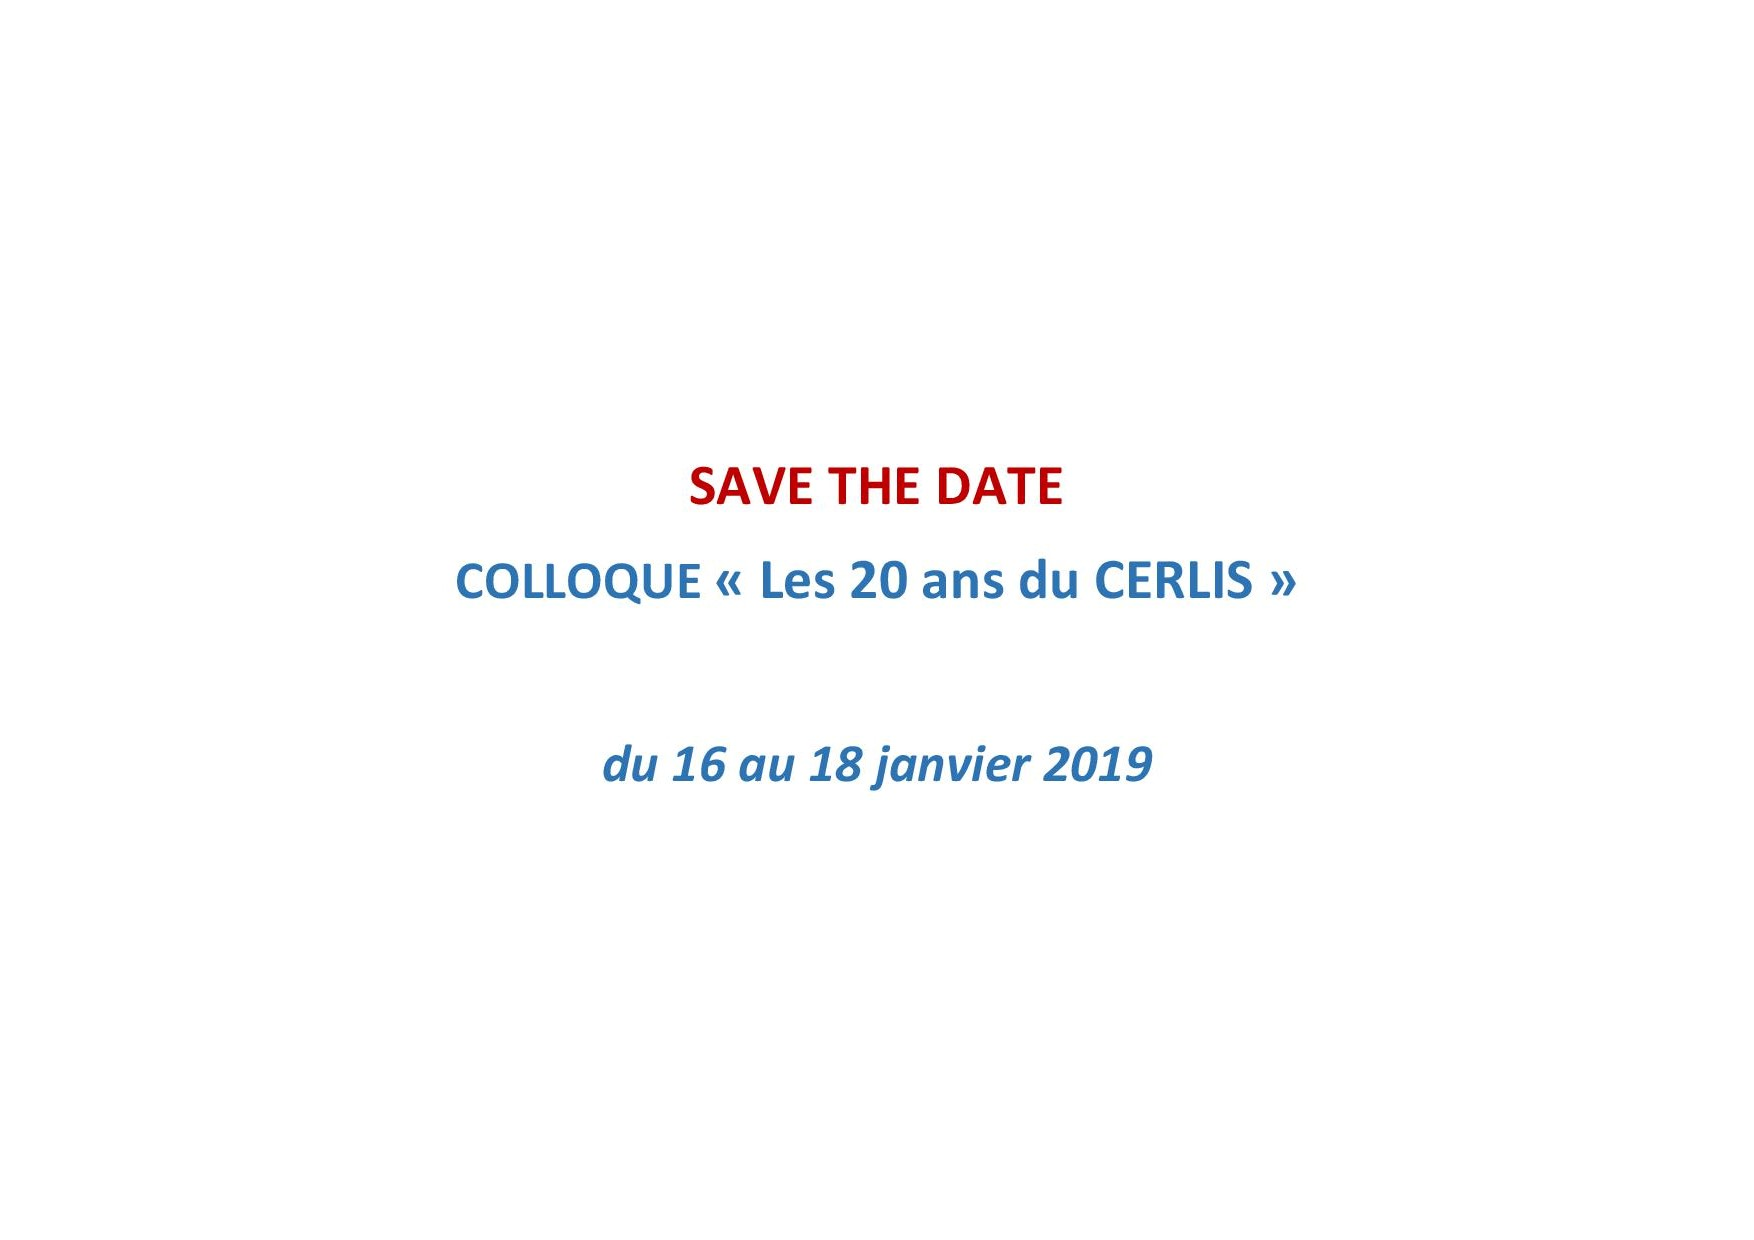 <strong>Du 16 au 18 janvier 2019</strong> &#8211; Colloque pour les &#8220;20 ans du Cerlis&#8221;